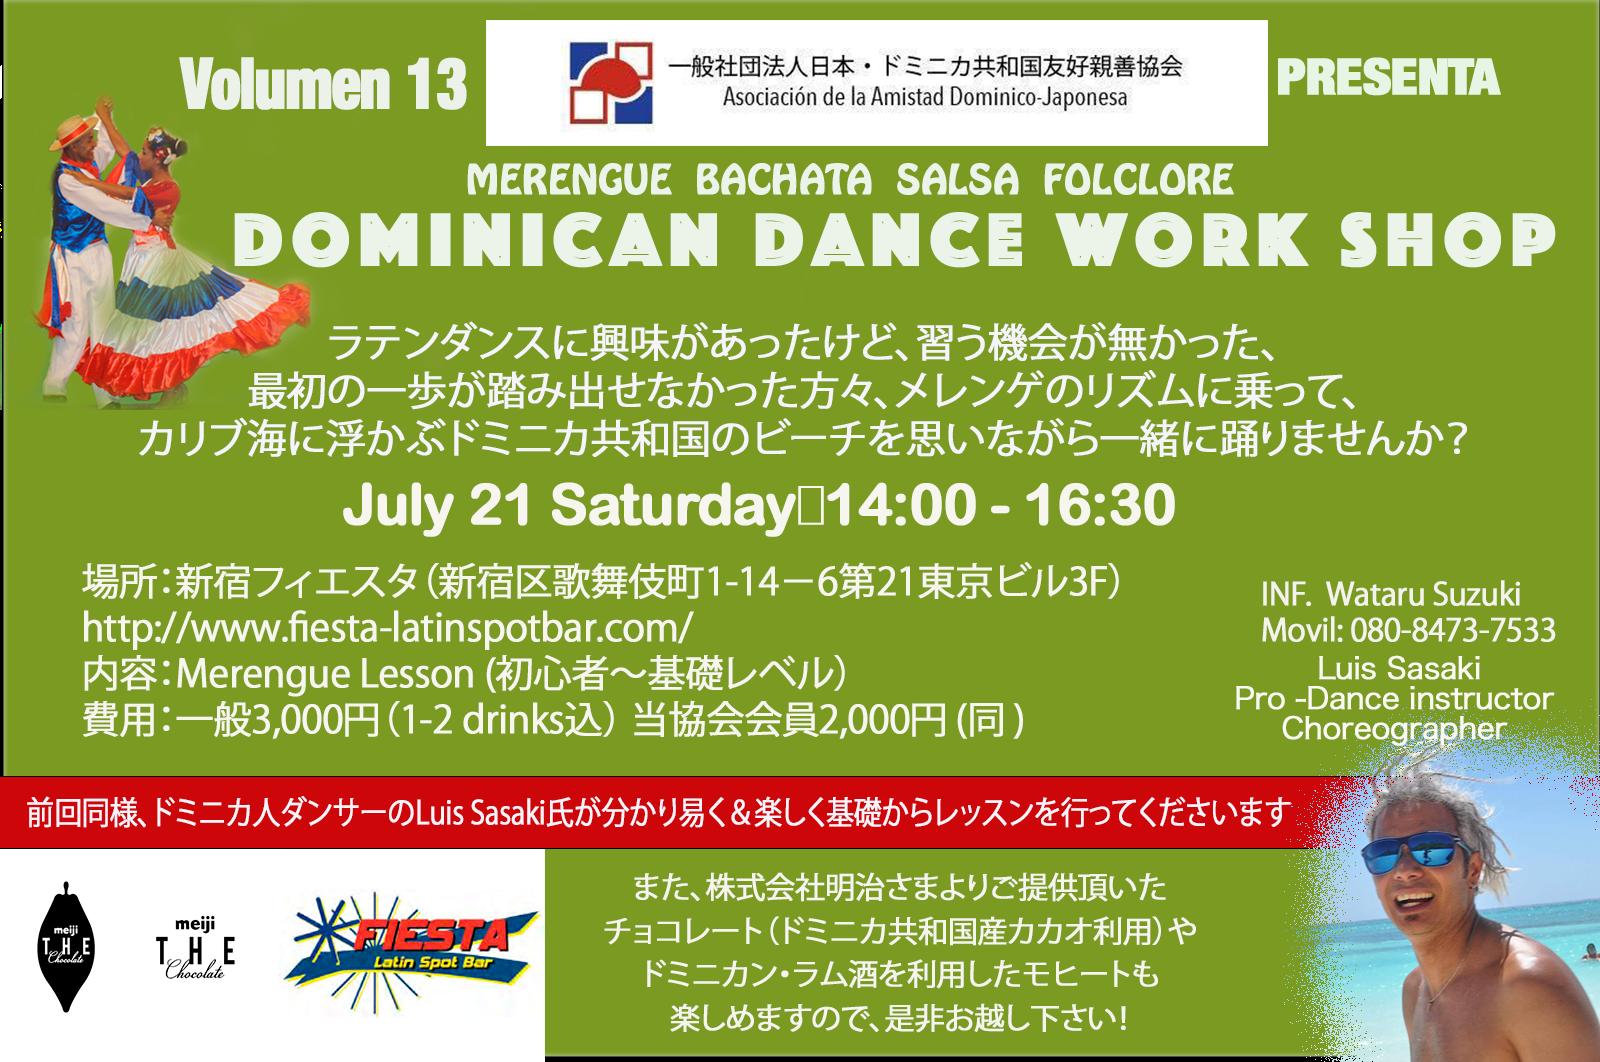 第13回ドミニカンダンス・ワークショップ開催のお知らせ! (¡El decimotercero taller de baile dominicano!)